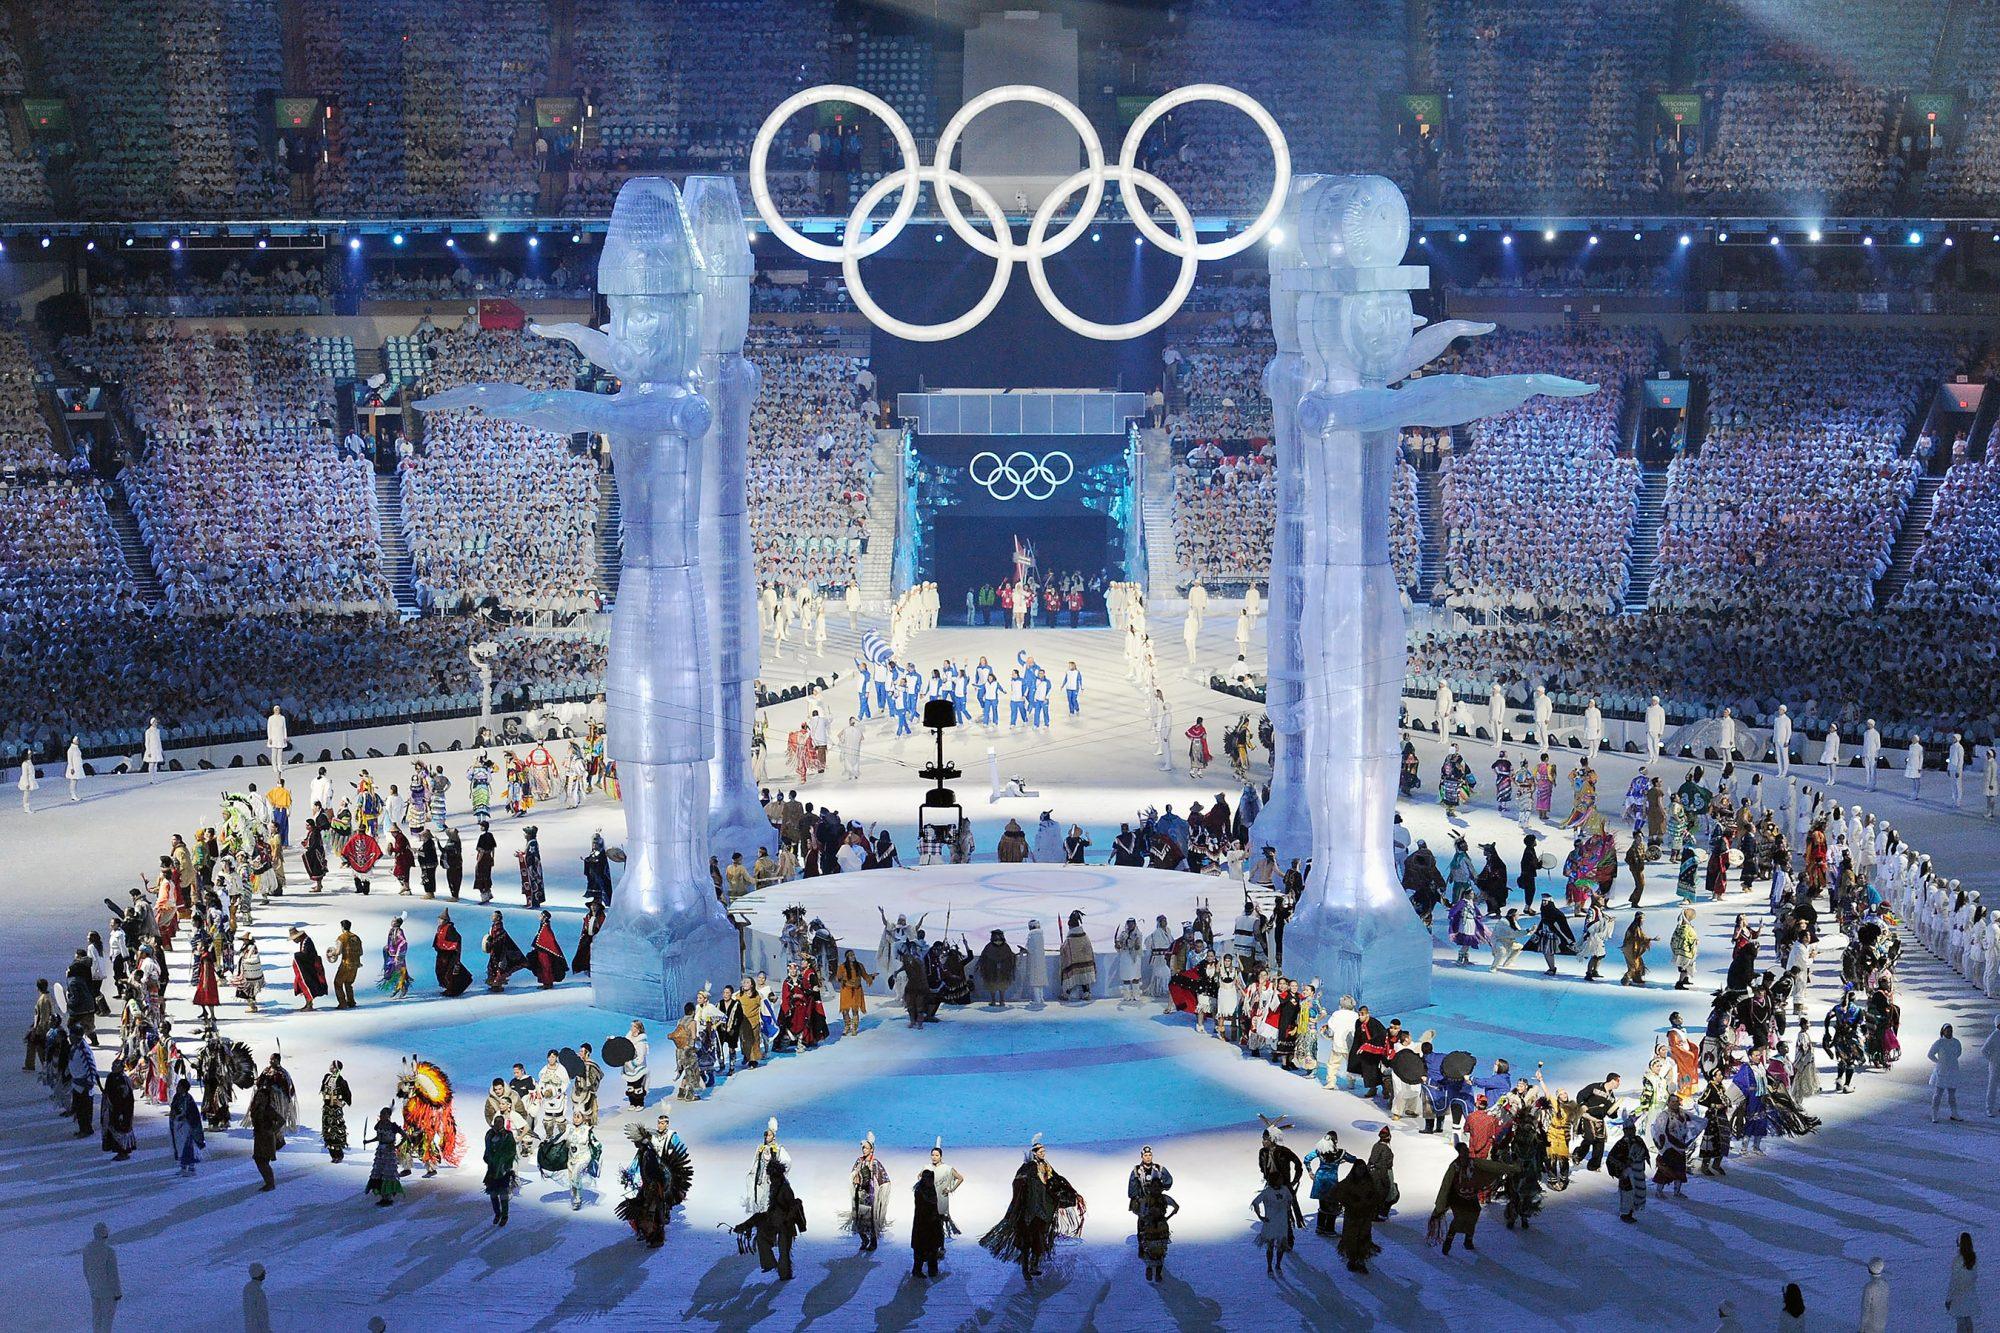 Toàn bộ thông tin cần biết về lễ khai mạc Olympic 2020 - Ảnh 1.